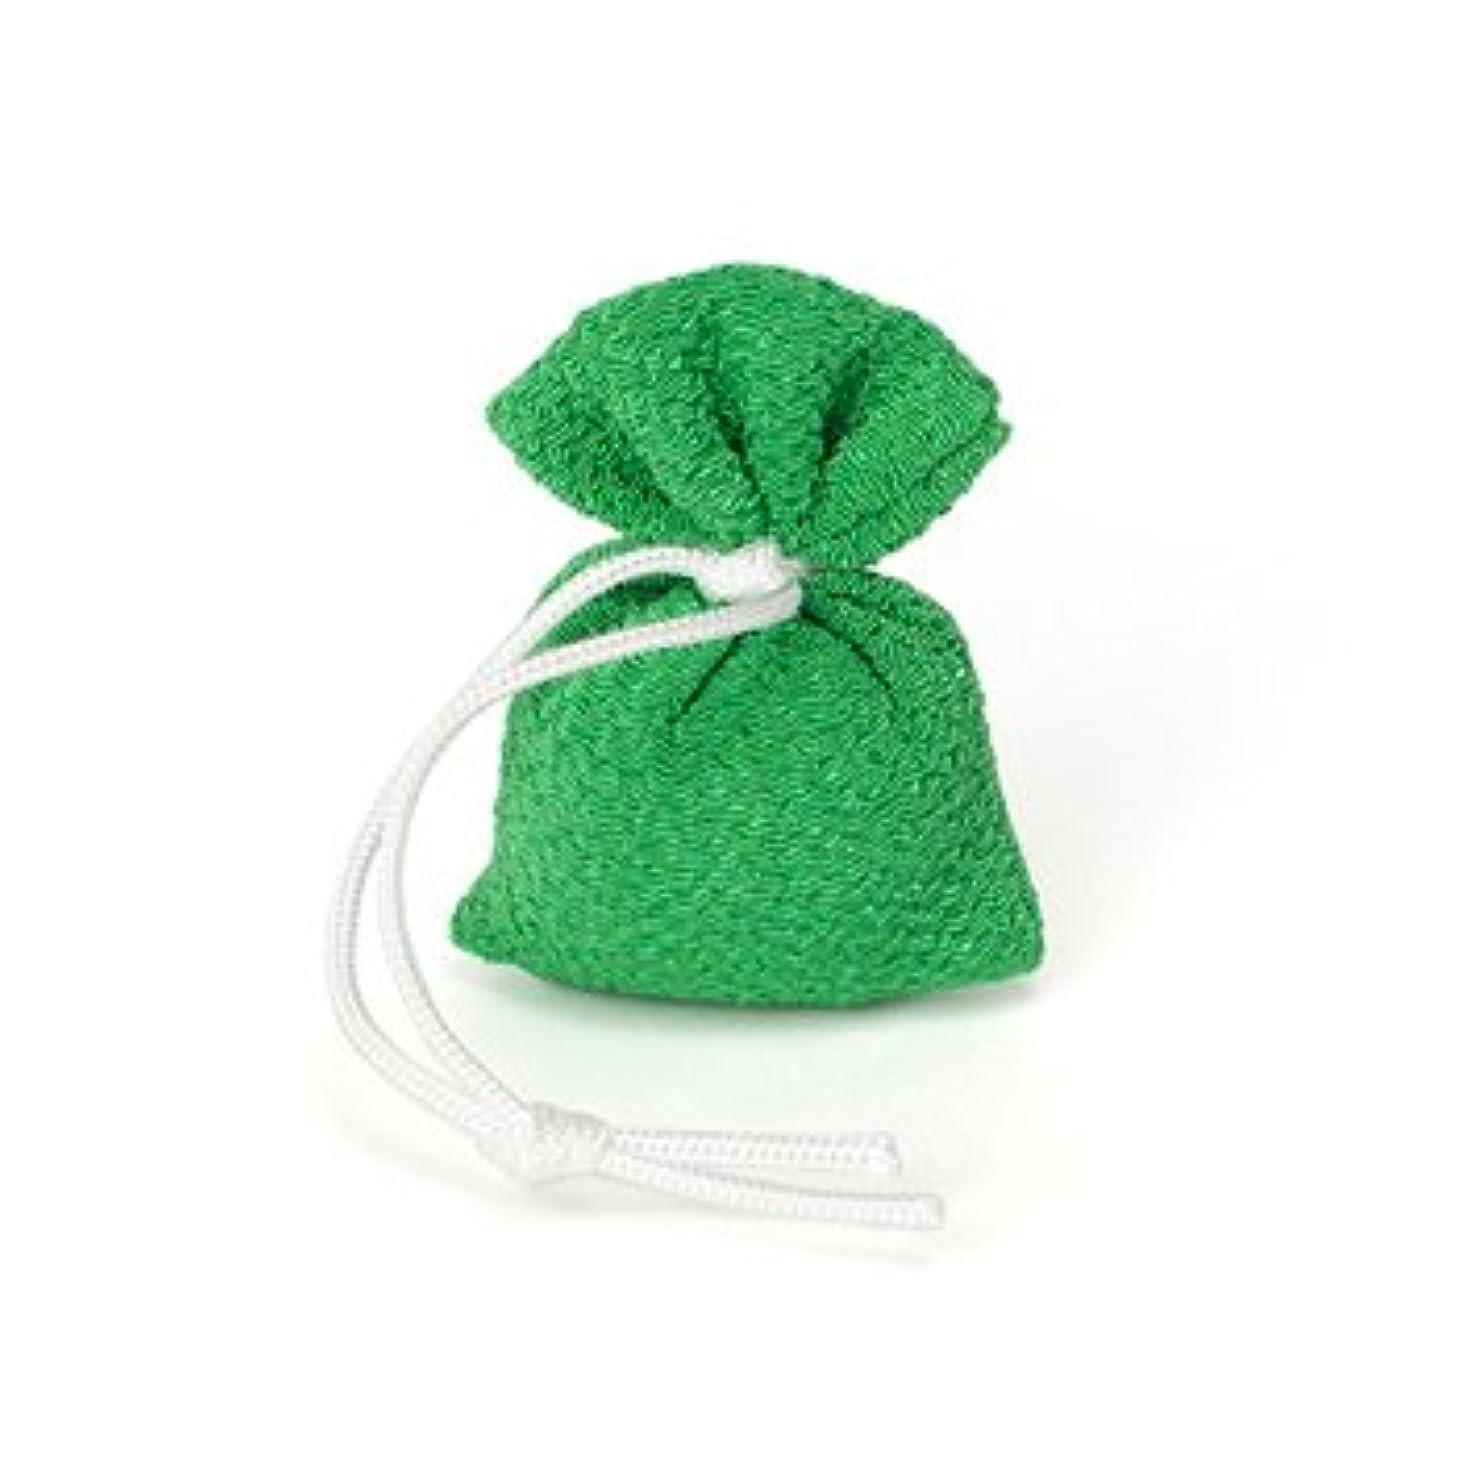 枯渇する発疹建築家松栄堂 匂い袋 誰が袖 携帯用 1個入 ケースなし (色をお選びください) (緑)